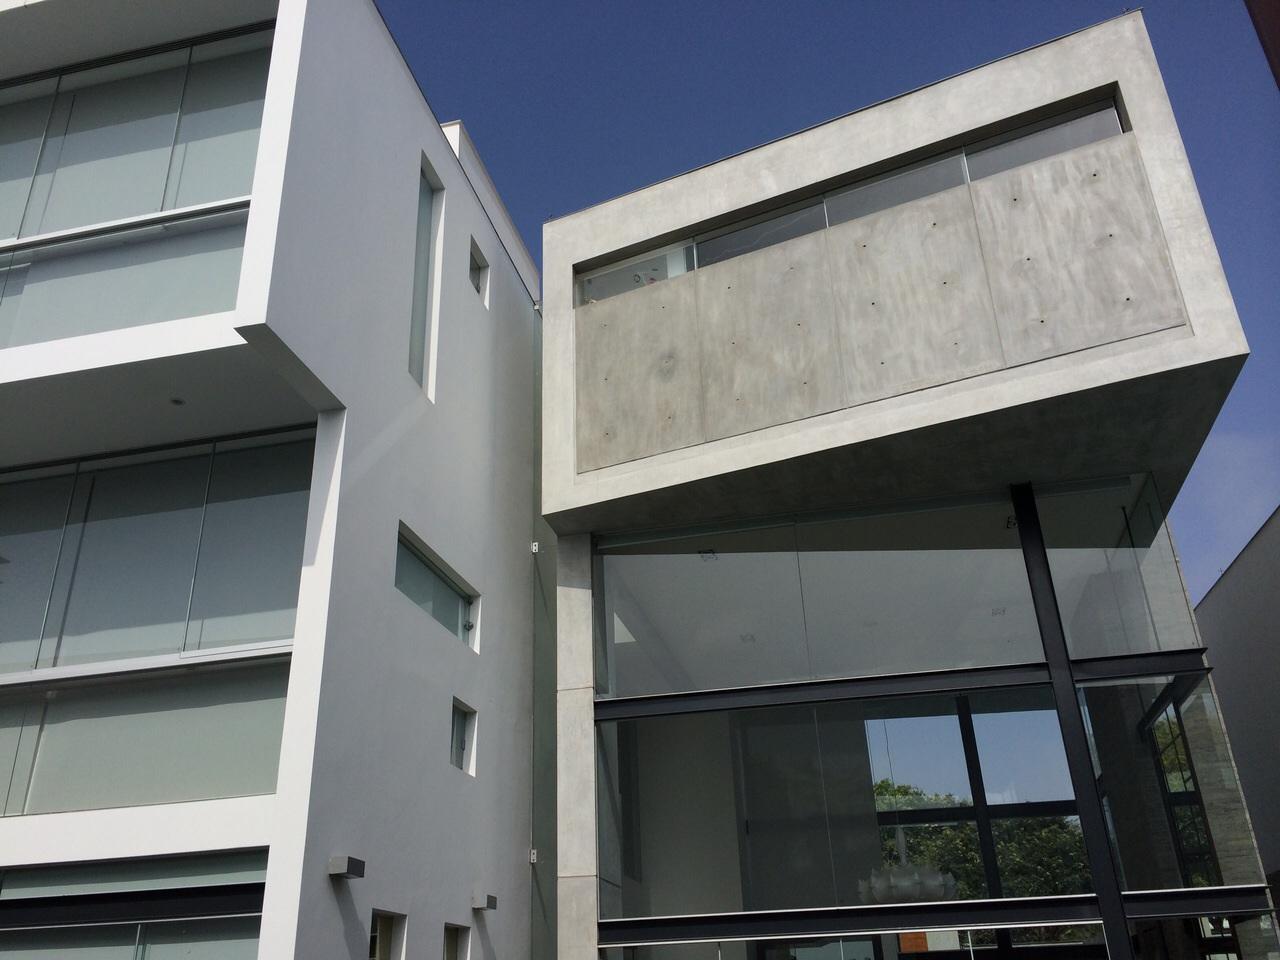 Casa MM en San Isidro lima peru diego del castillo (33).JPG